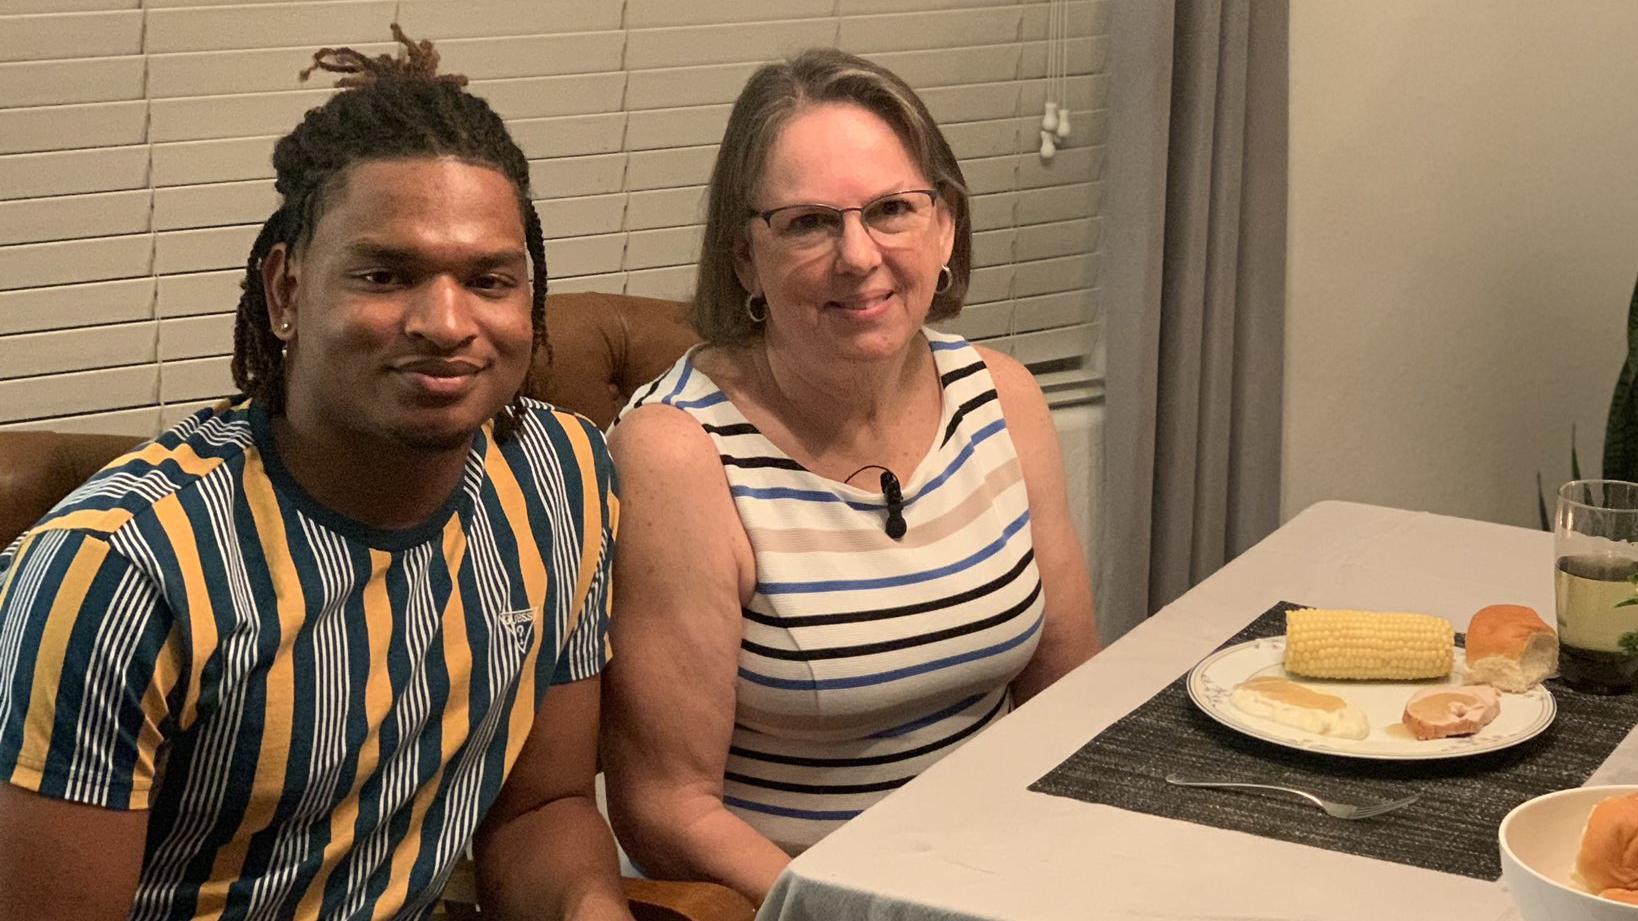 Seit 2016 feiert Wanda Dench gemeinsam mit Jamal Hinton Thanksgiving, dem sie vor vier Jahren versehentlich eine Einladung zum Fest geschickt hat.